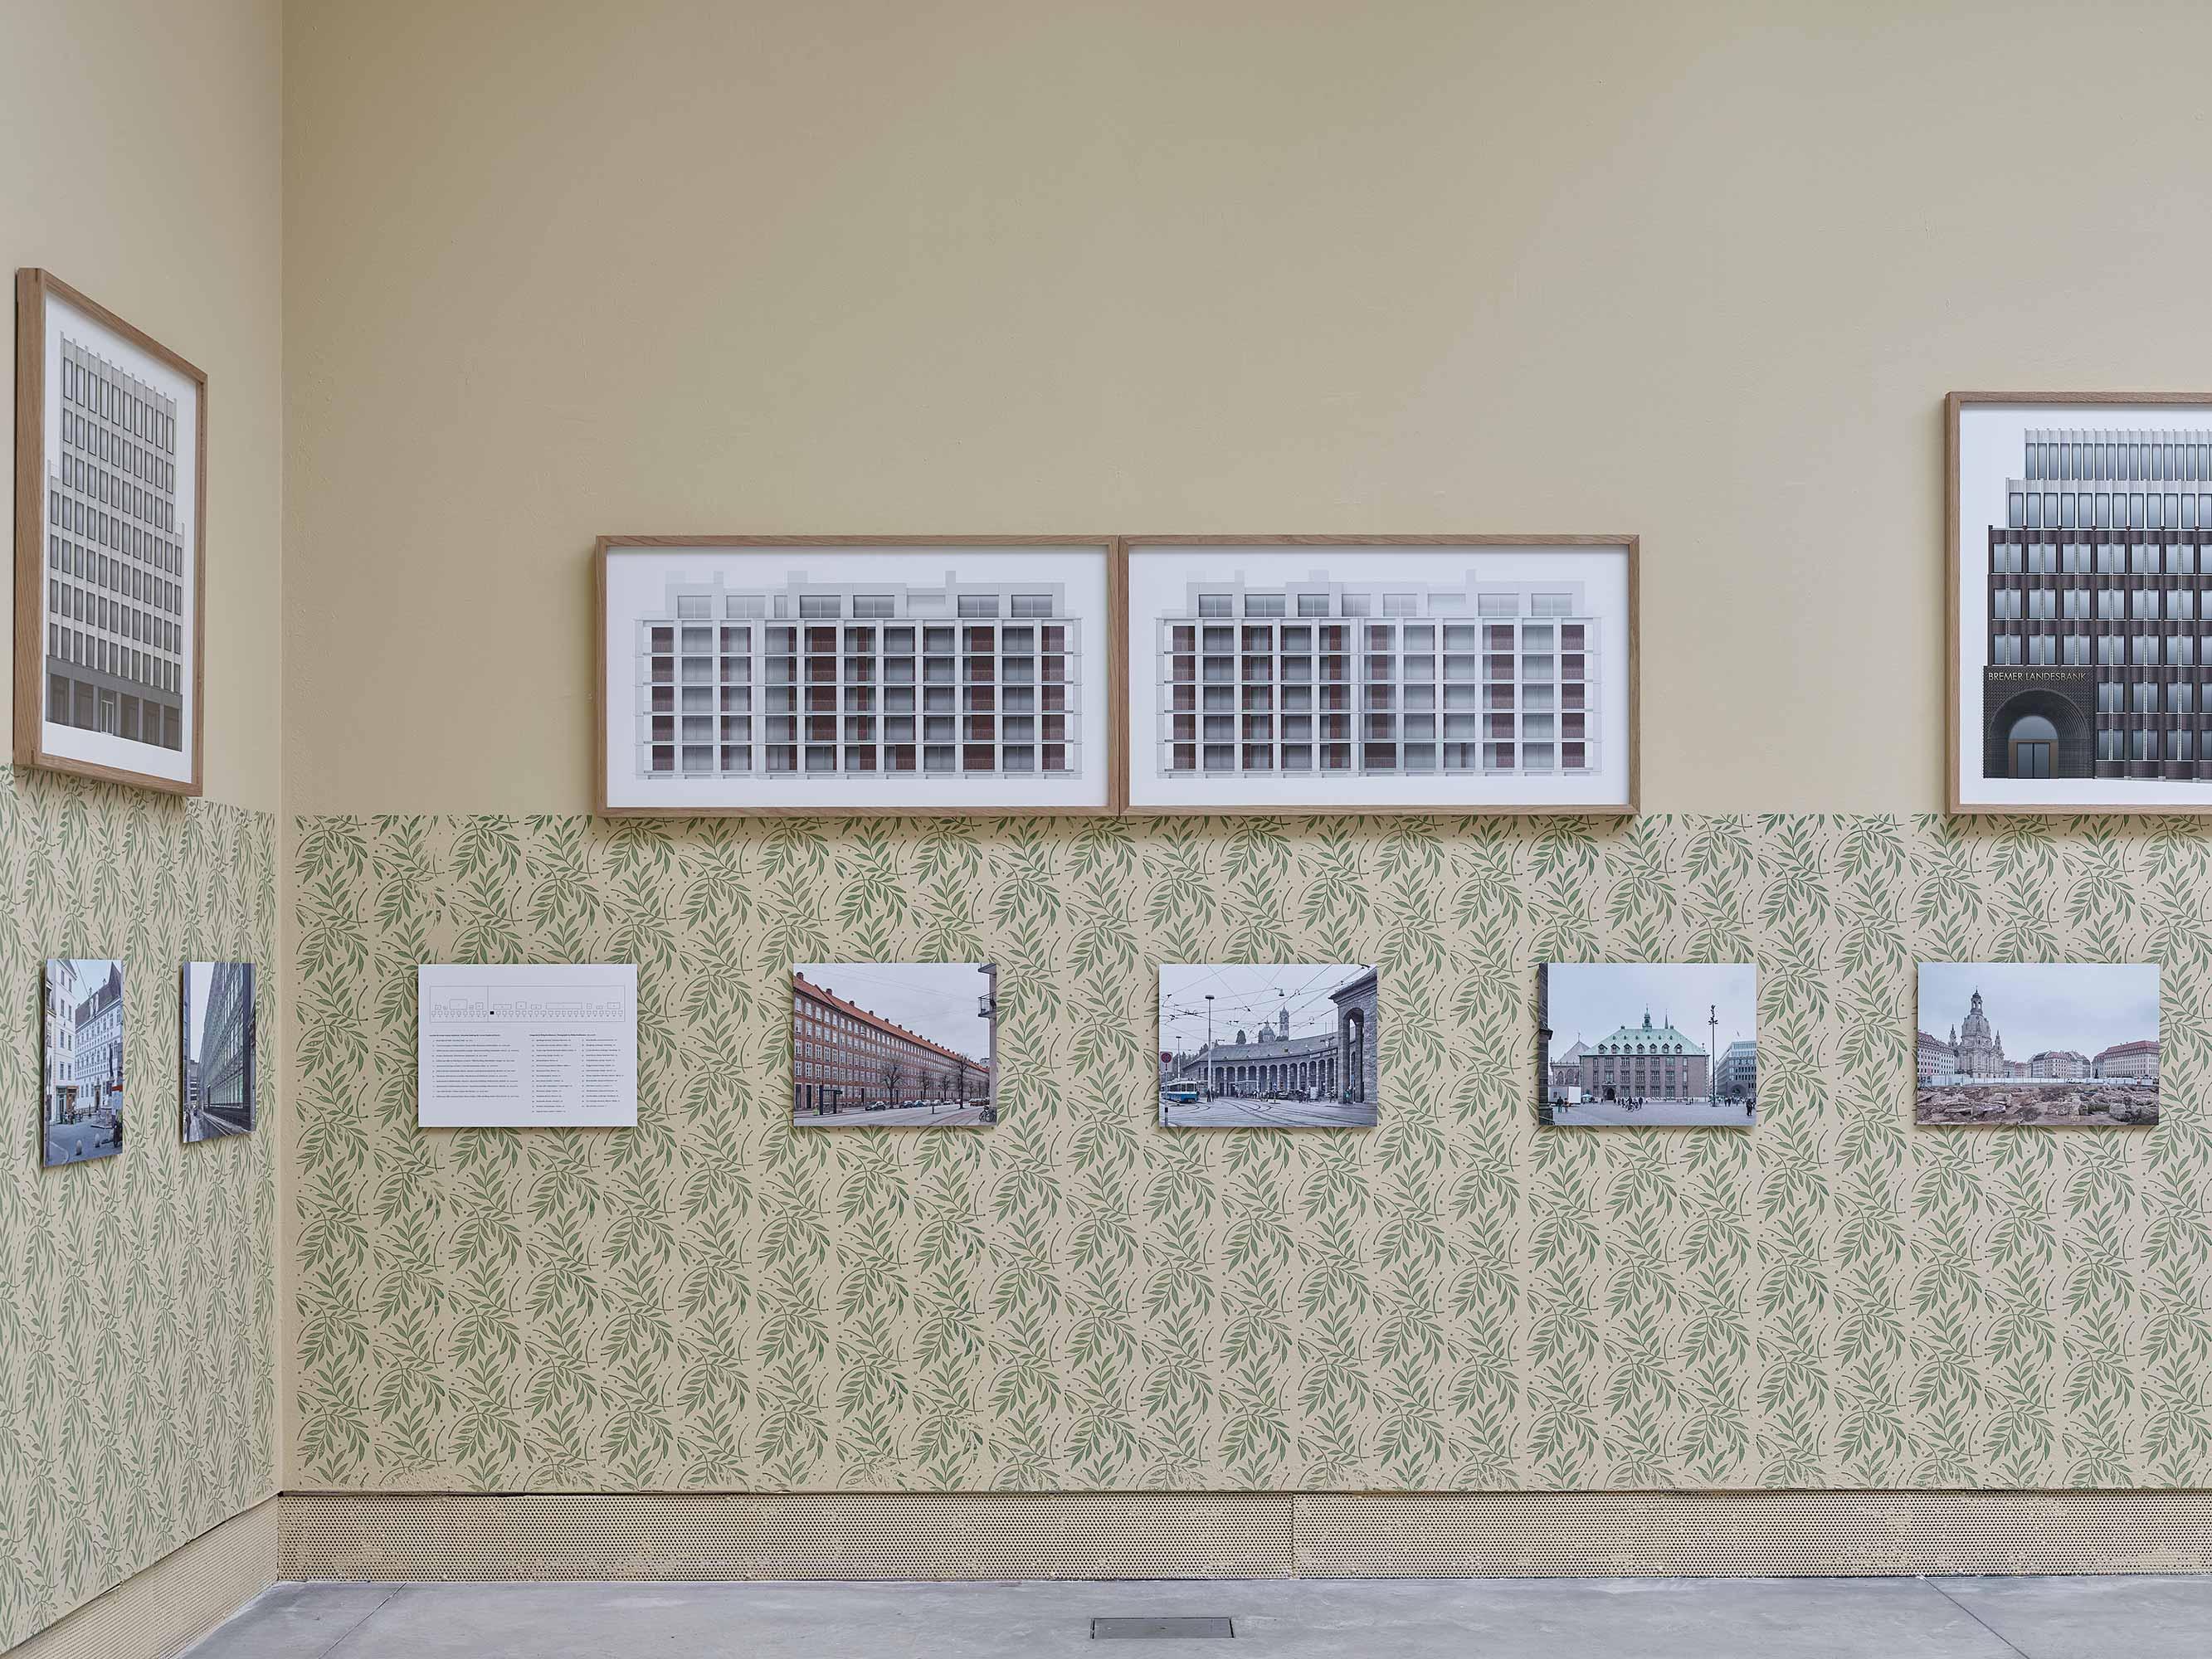 Architekturbiennale Venedig 2018  374/9